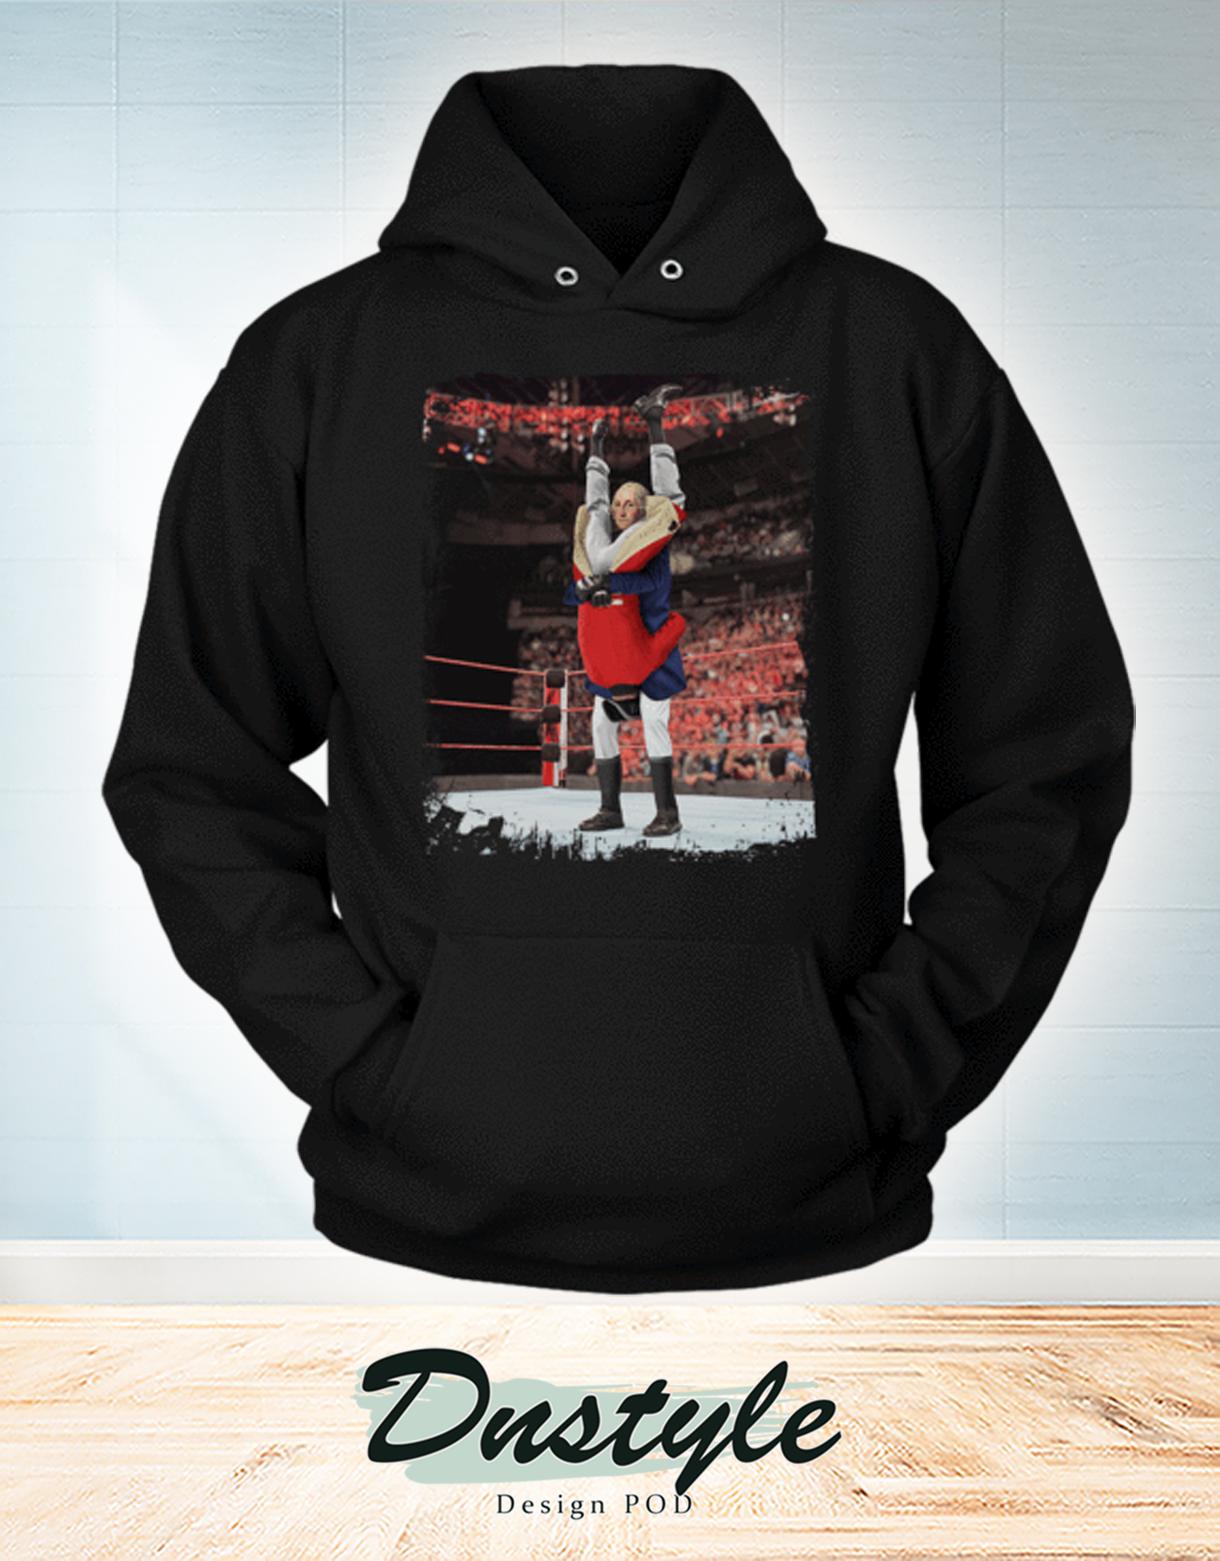 George washington wrestling hoodie